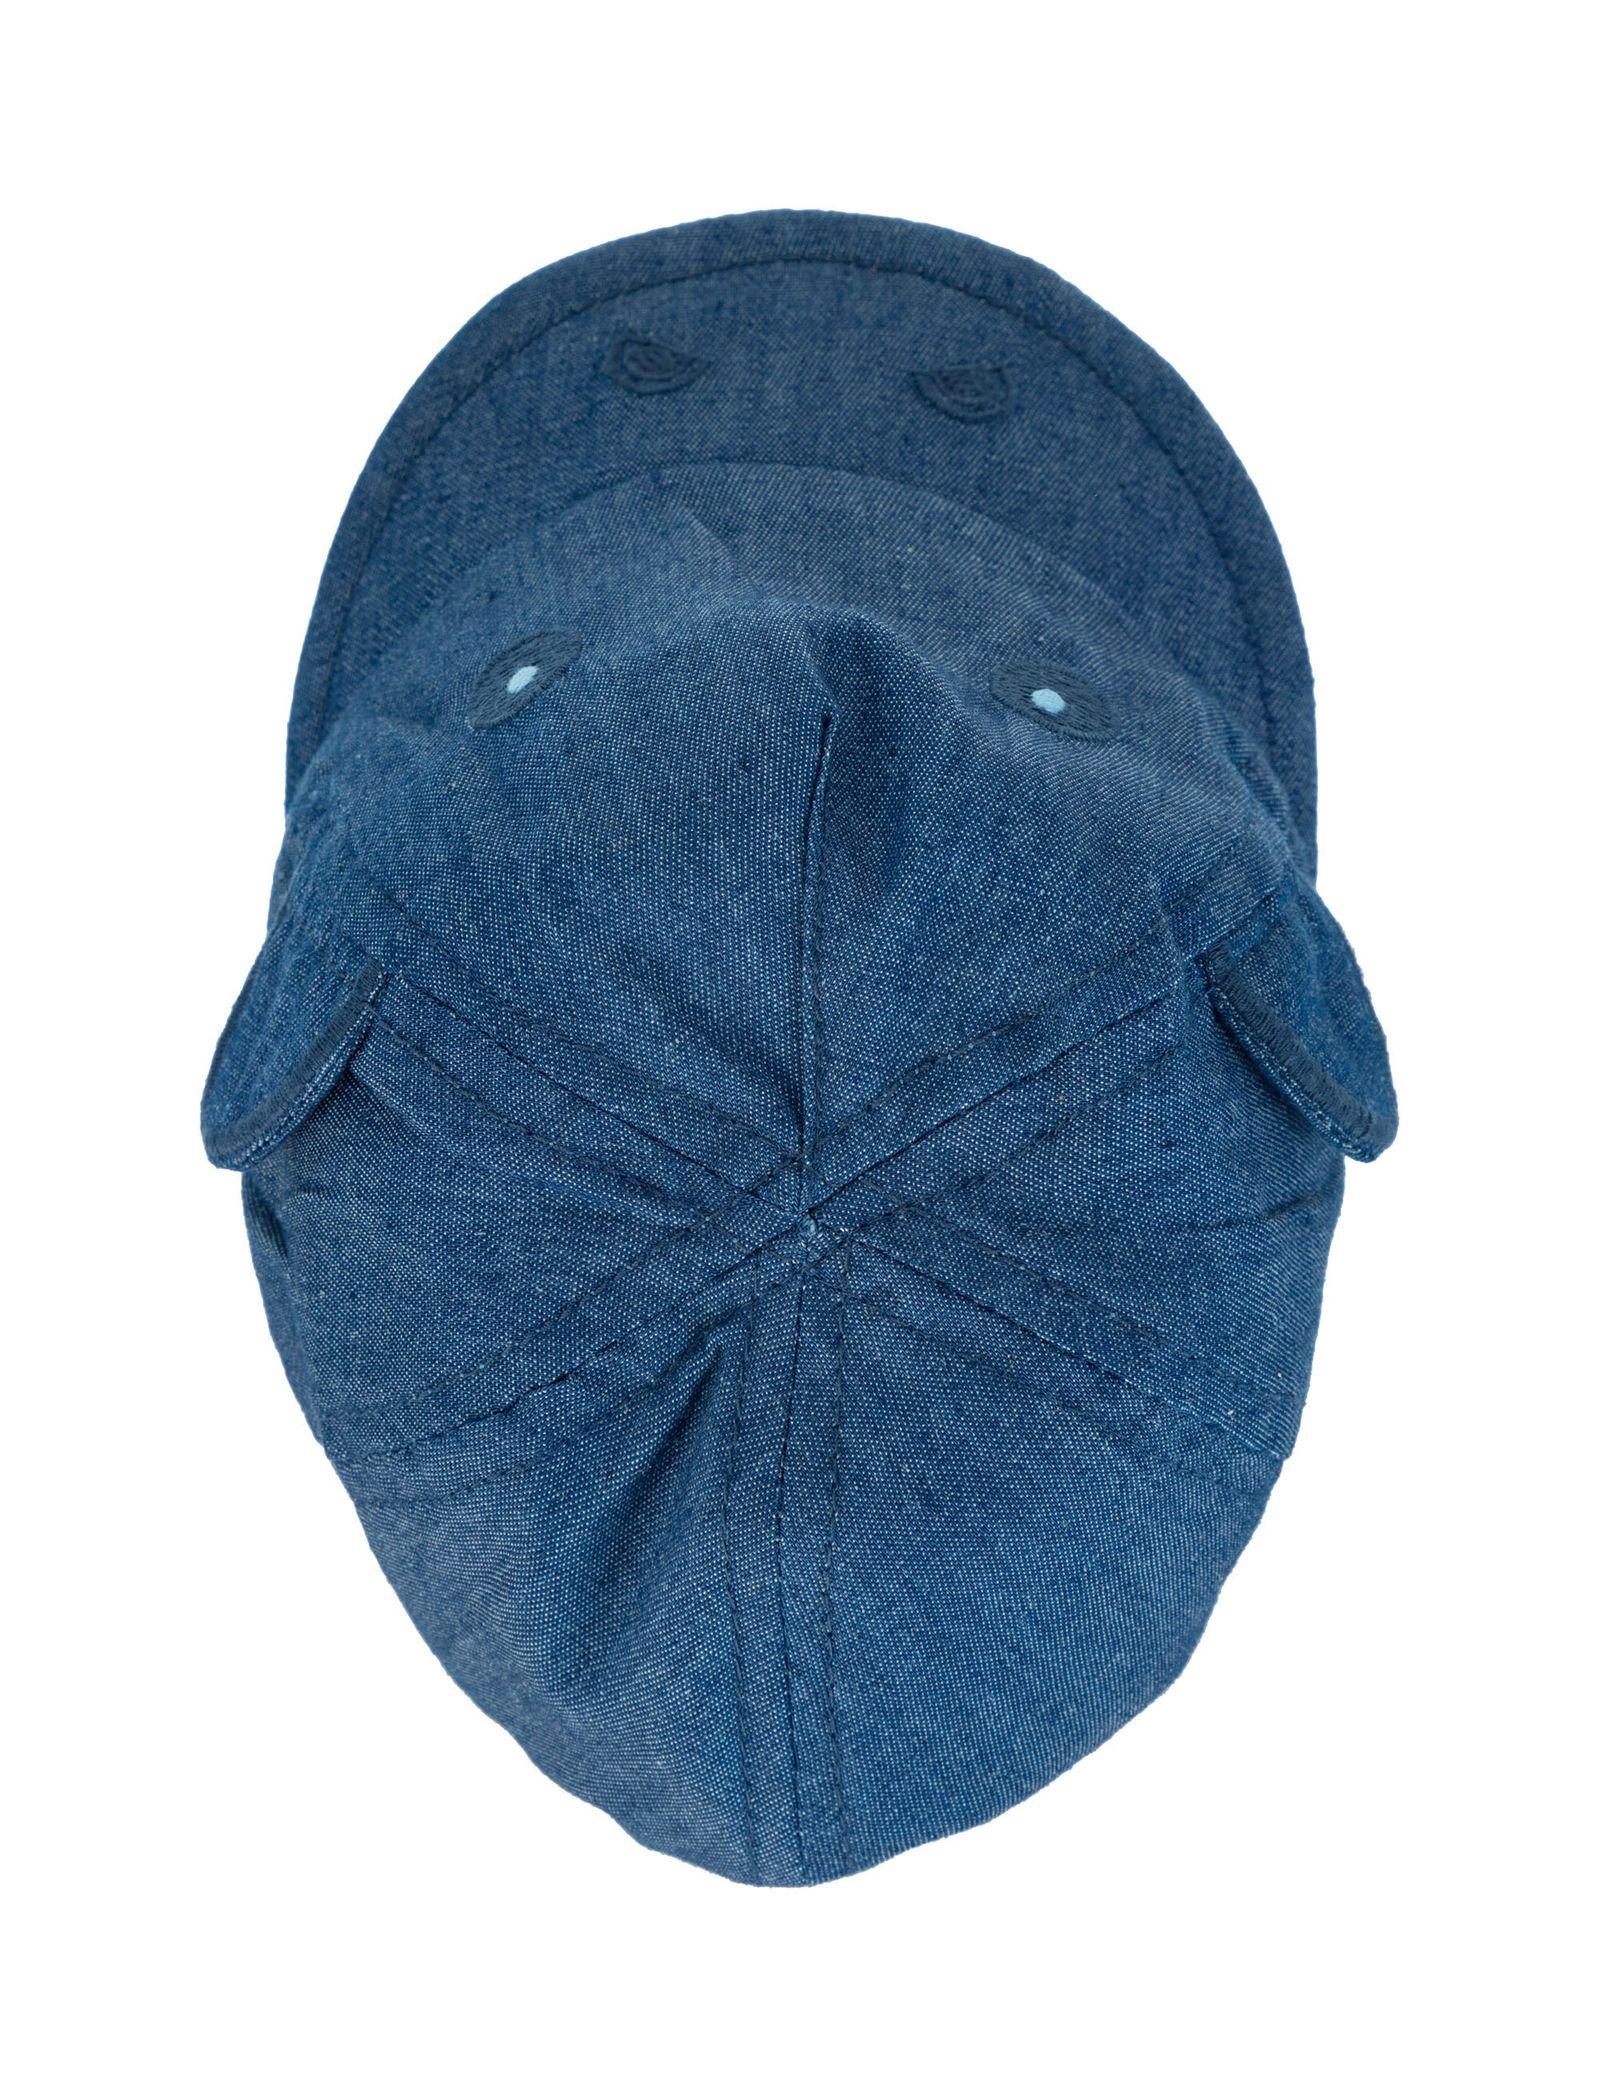 کلاه نخی پسرانه - بلوکیدز - آبي - 5